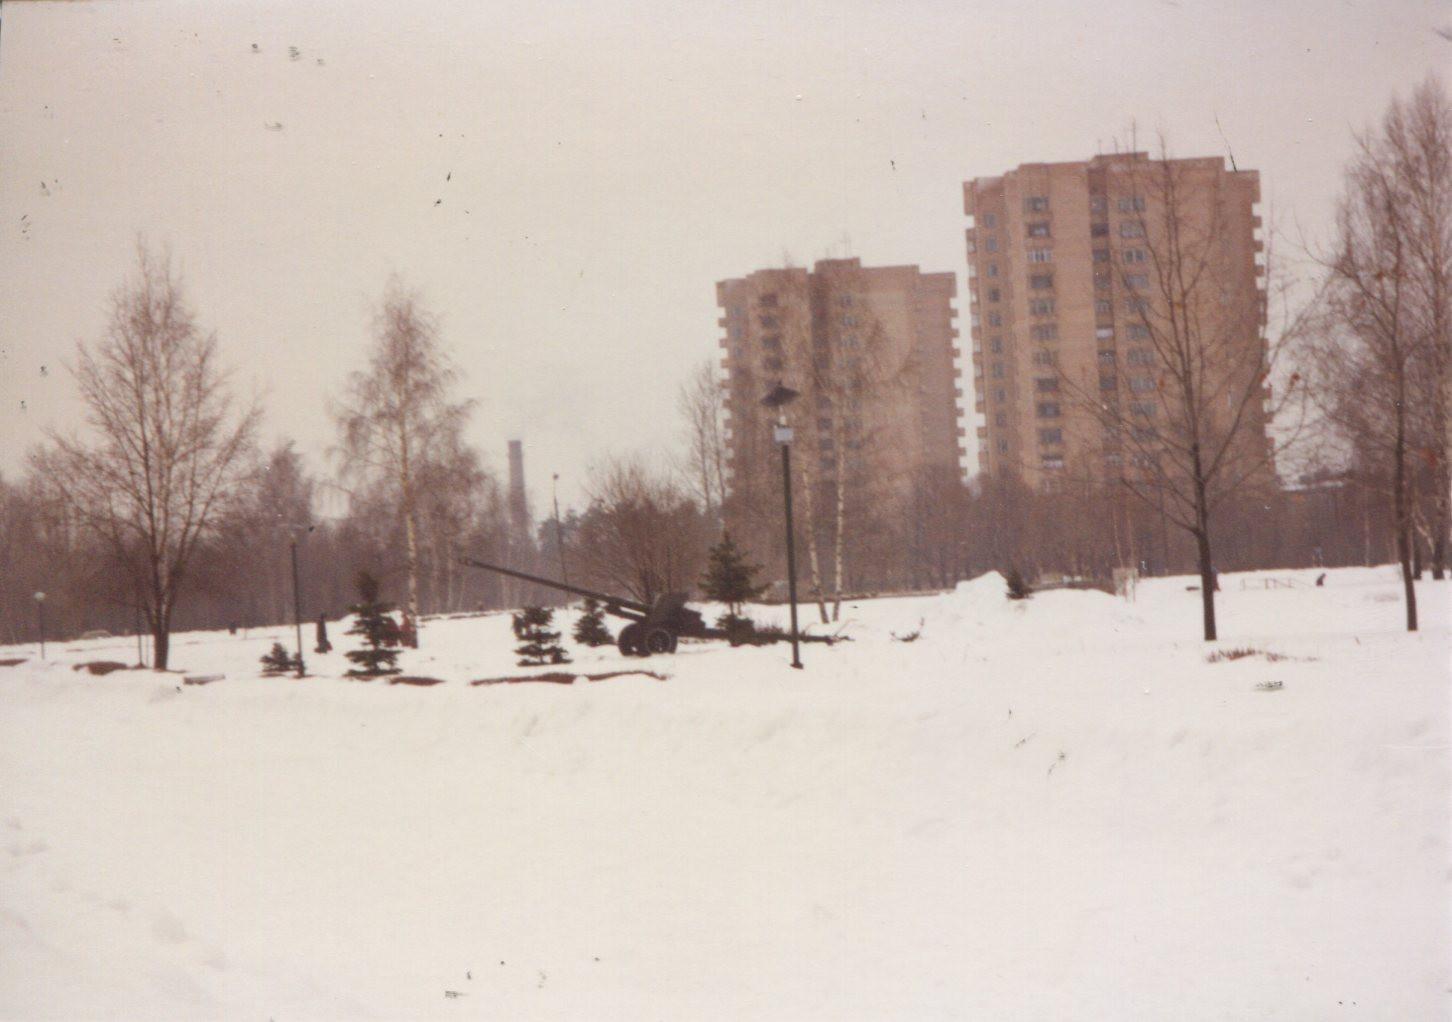 KorolevTrip1994_005.jpg